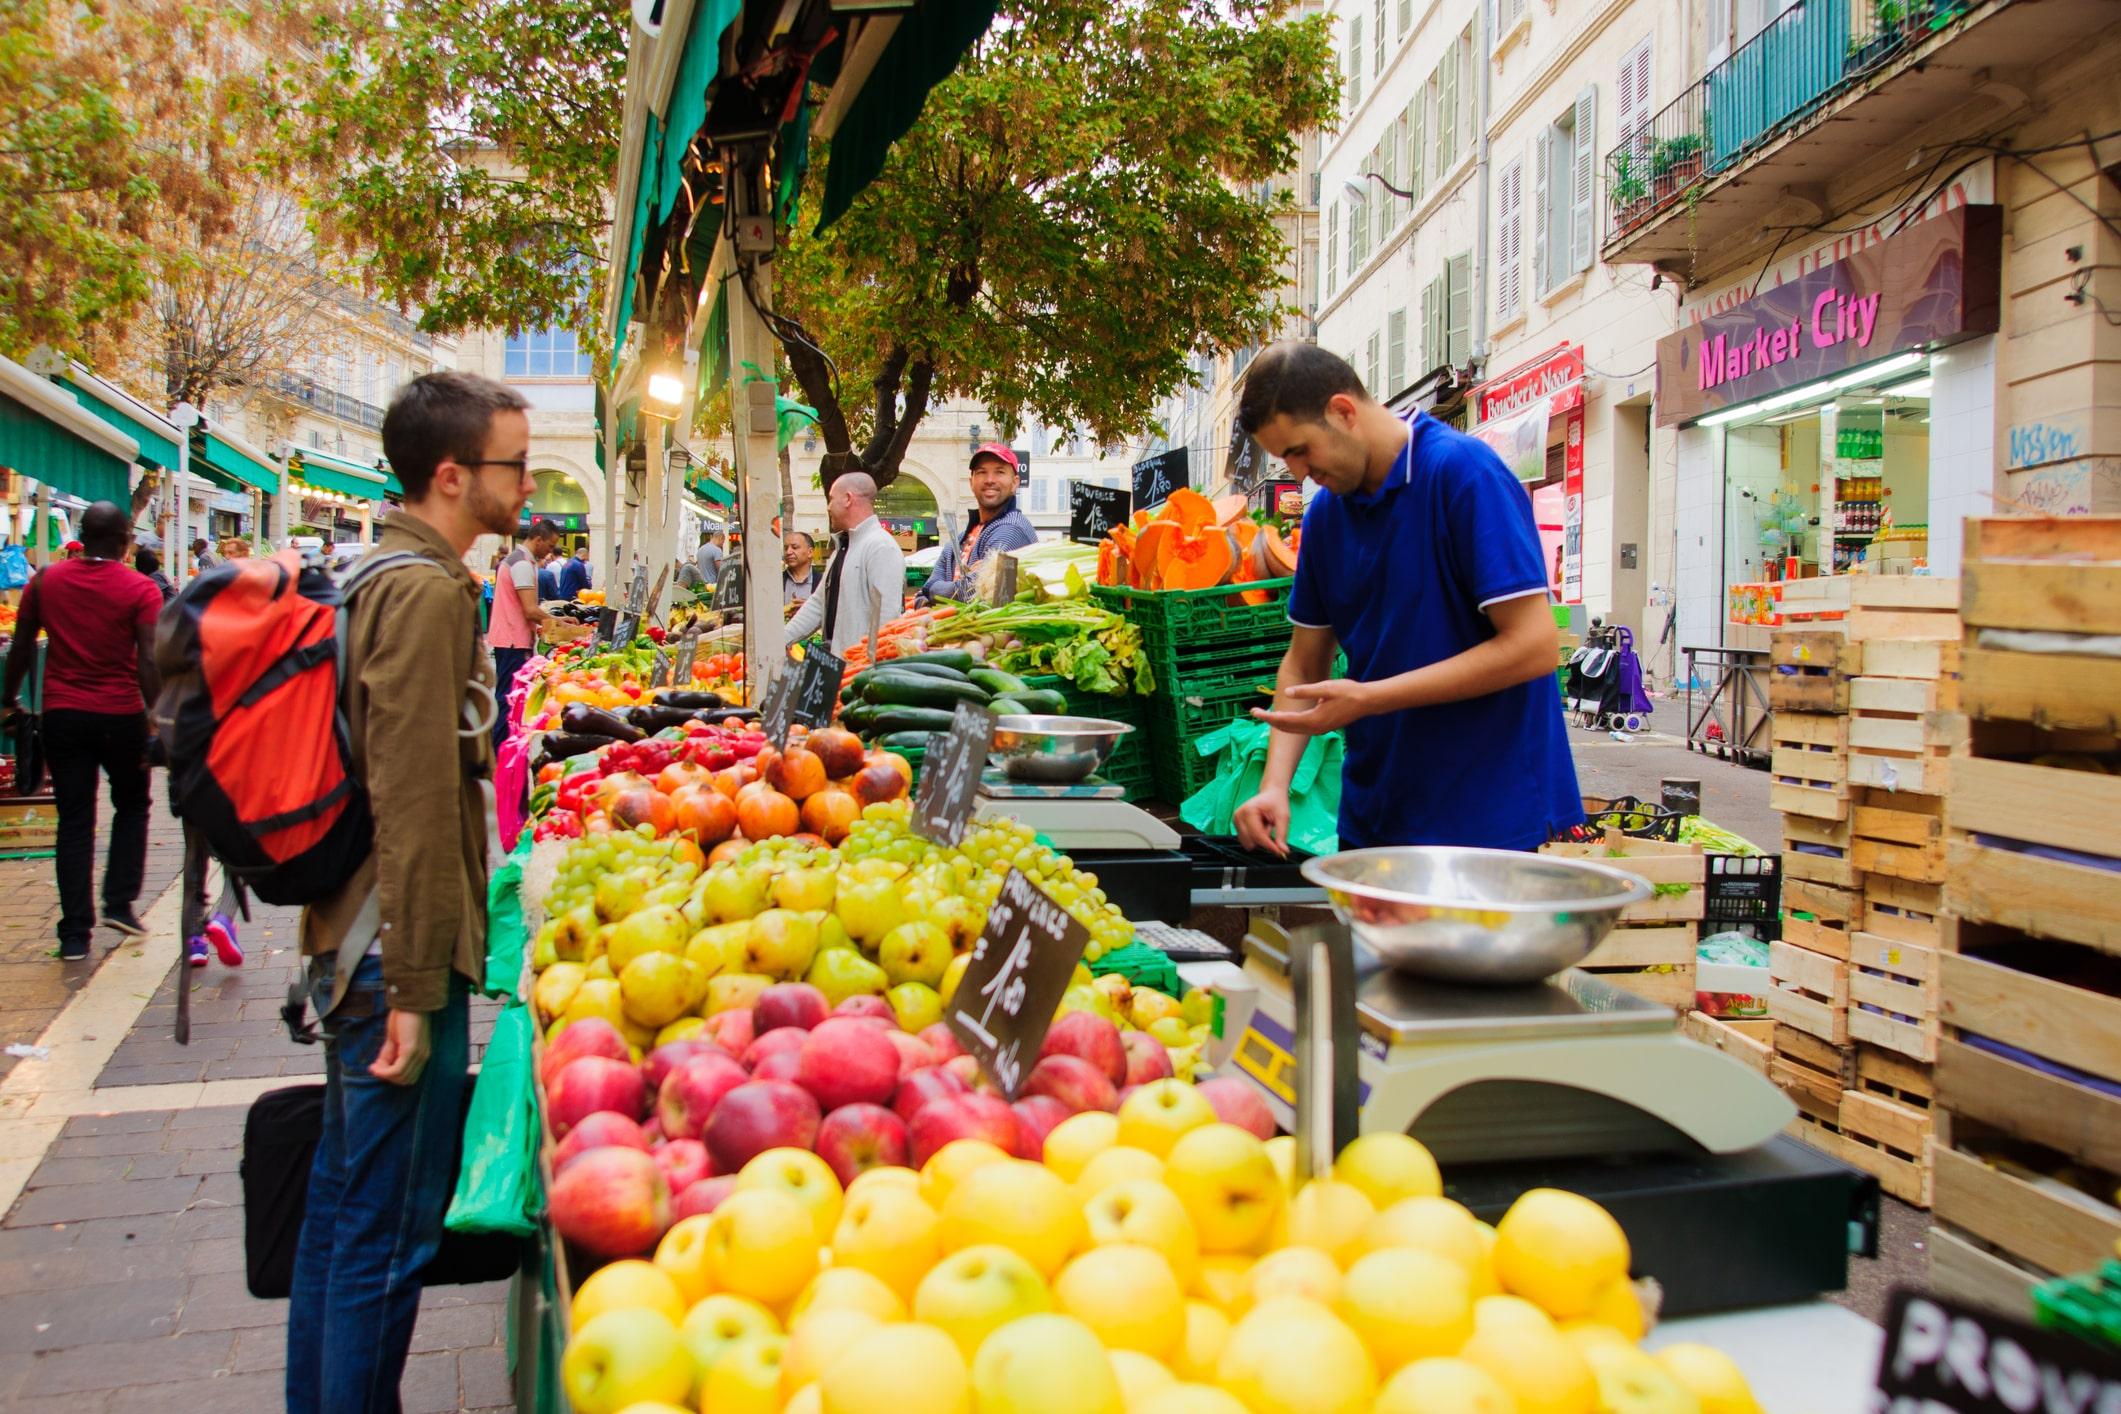 Le statut micro-entrepreneur, quels sont ses avantages?